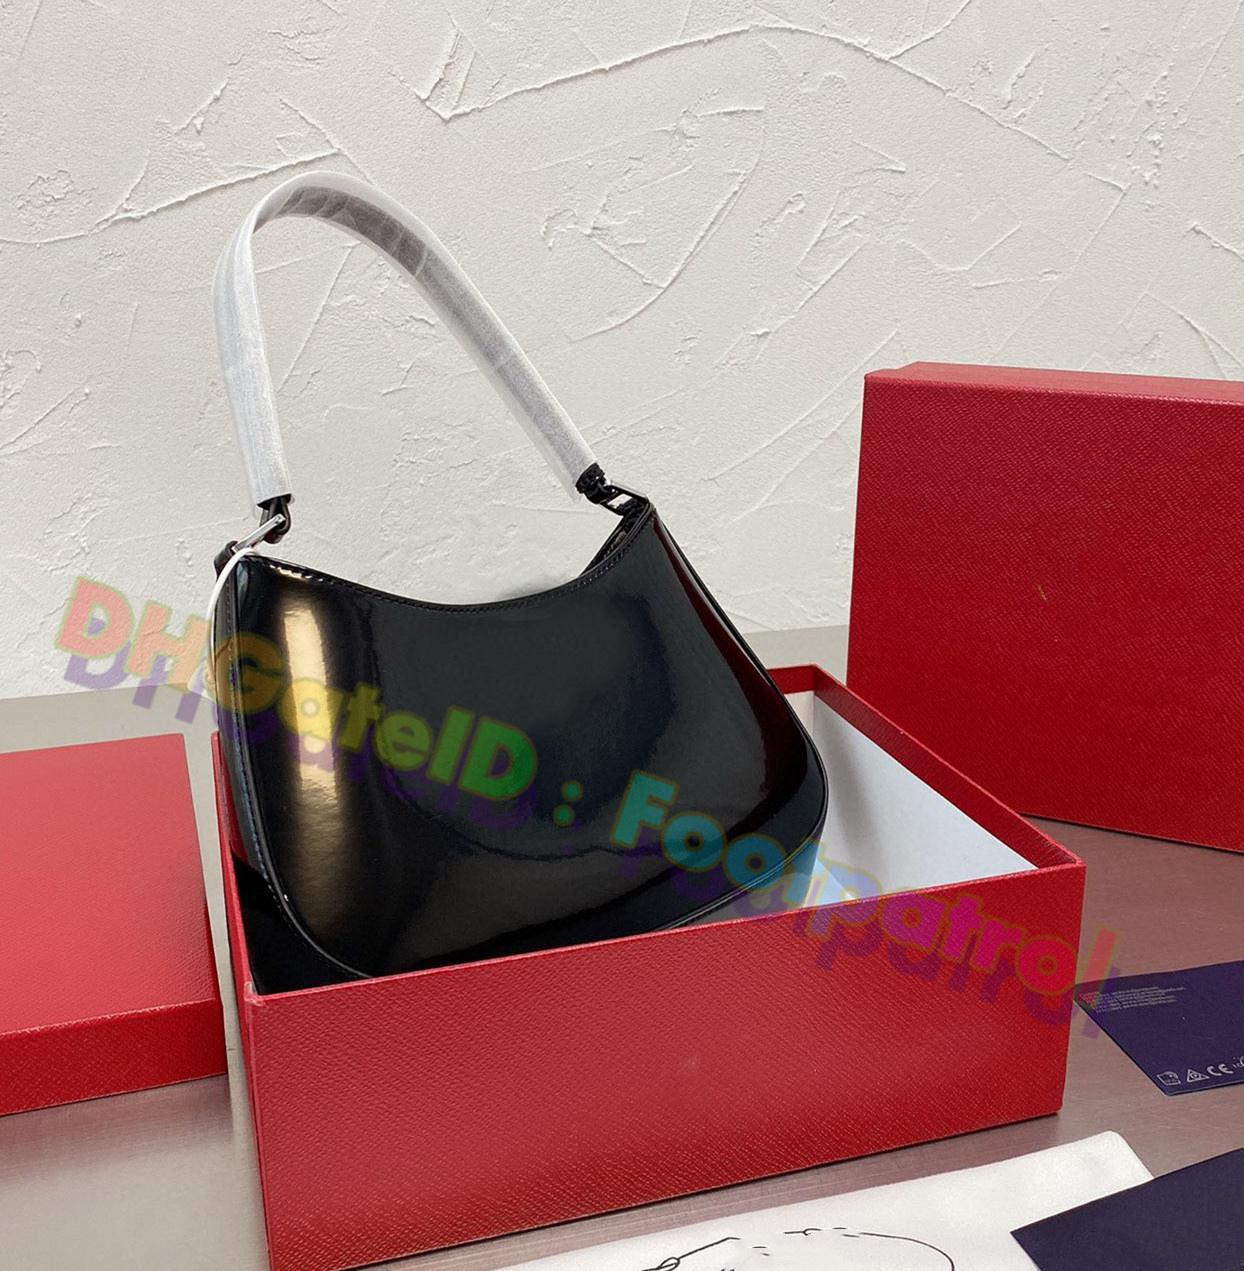 2021 يجب أن نساء أكياس الإبط مخلب محفظة سيدة حقائب اليد حقائب الأزياء الإبط يد السيدات مصممون حقيبة مصغرة المحفظة جيب الهاتف المحمول